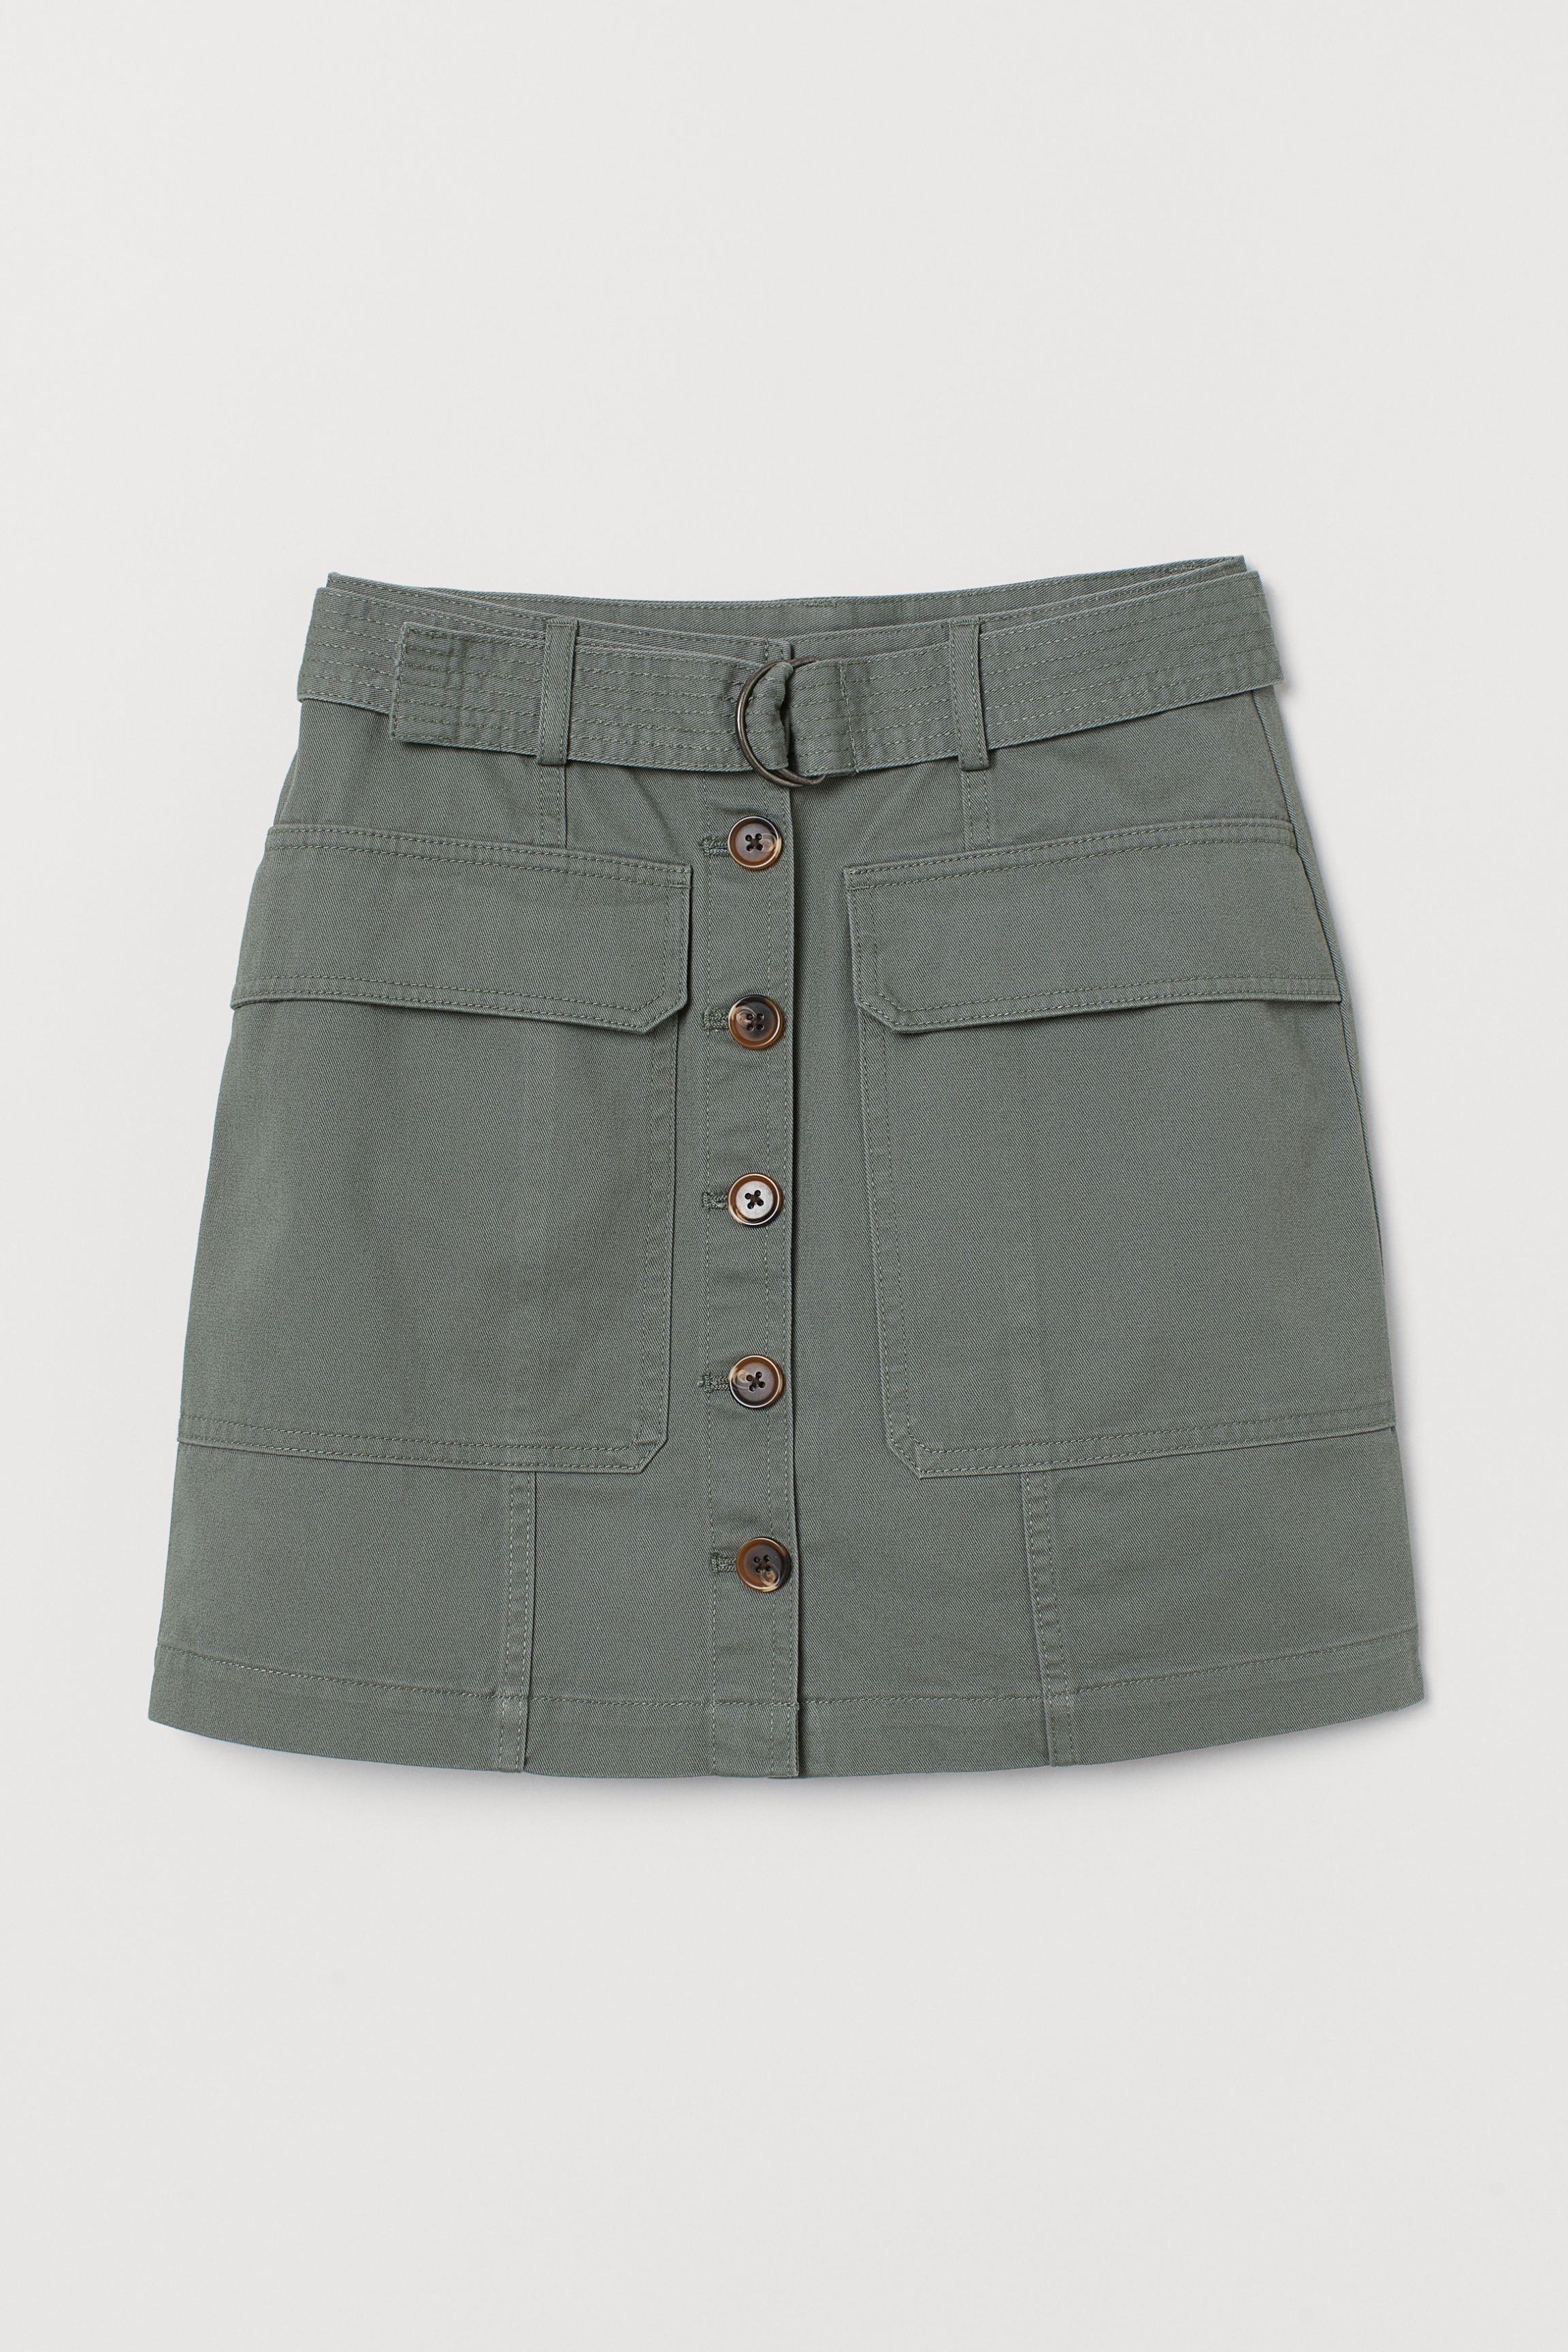 Short Utility Skirt